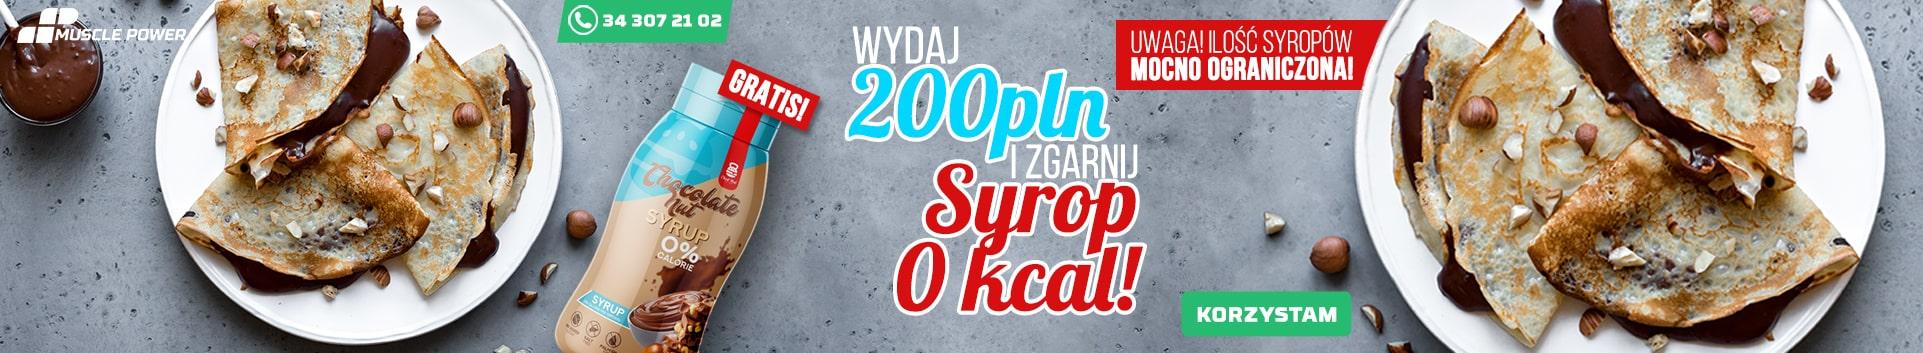 syrop gratis